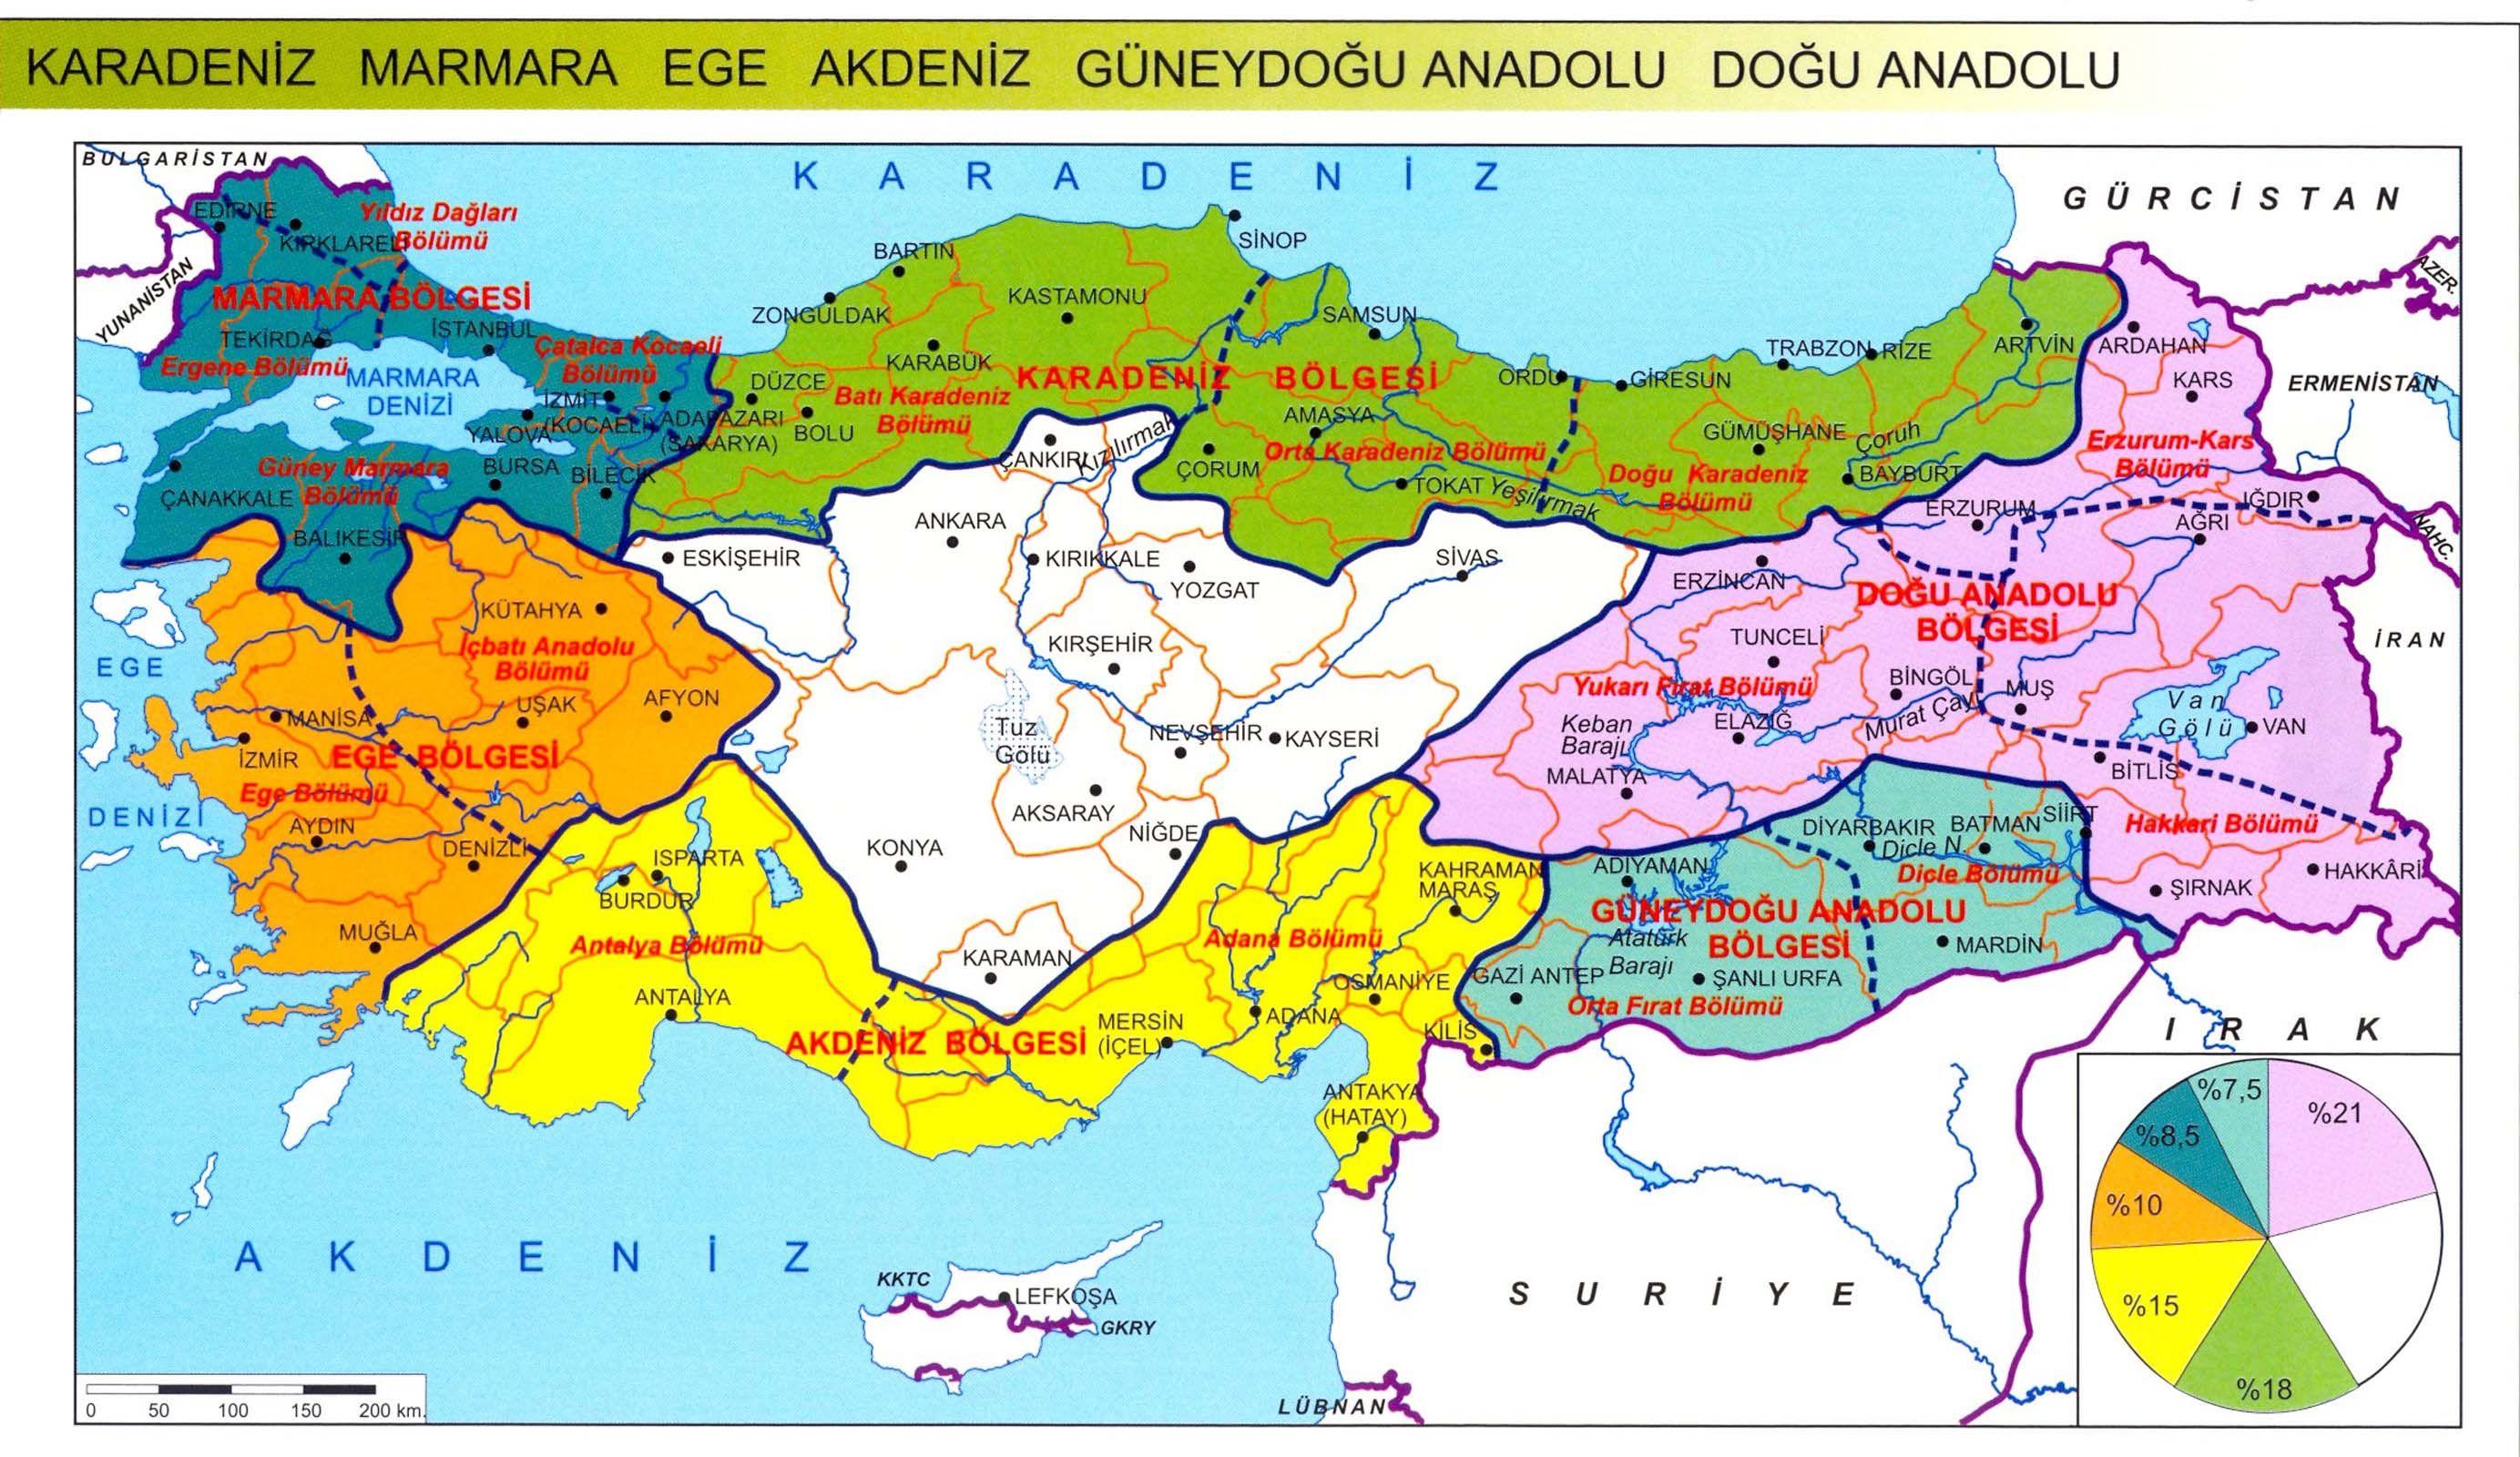 Türkiye Coğrafi Bölgeler Haritası Türkiye Coğrafi Bölgeleri Map